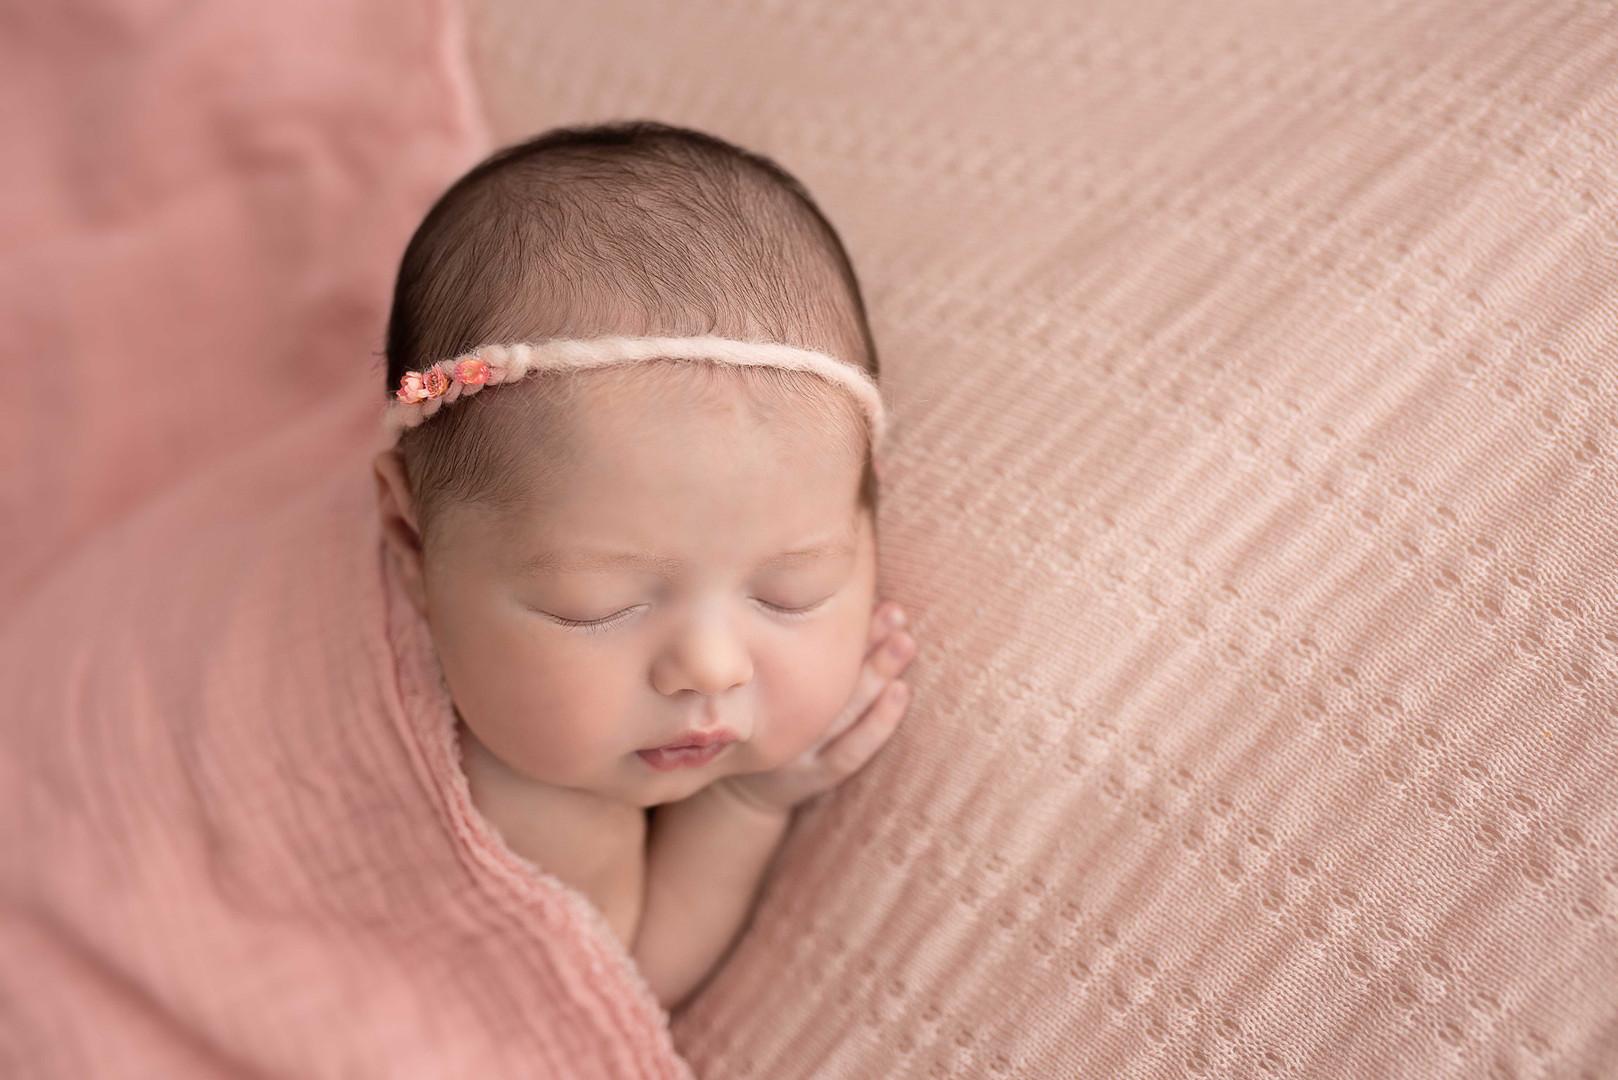 025_Lara7D_Newborn_051217_PalomaSchell-E